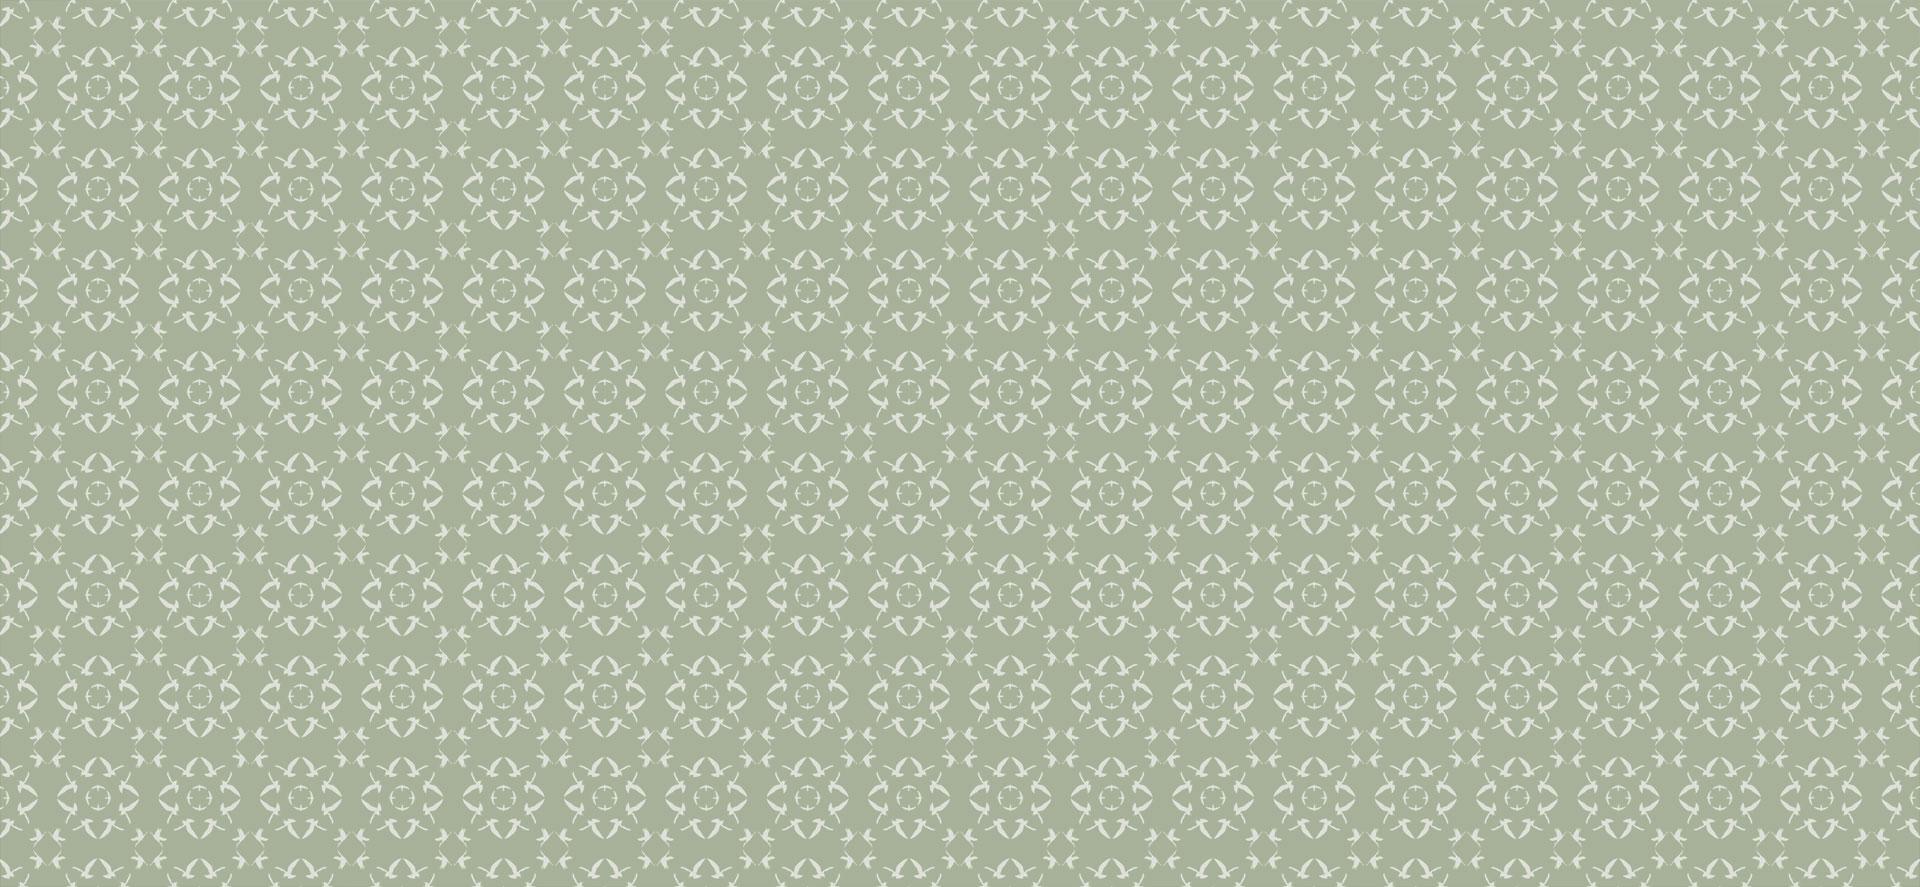 Grafikdesign Vogelschutzglas Vogelwarte